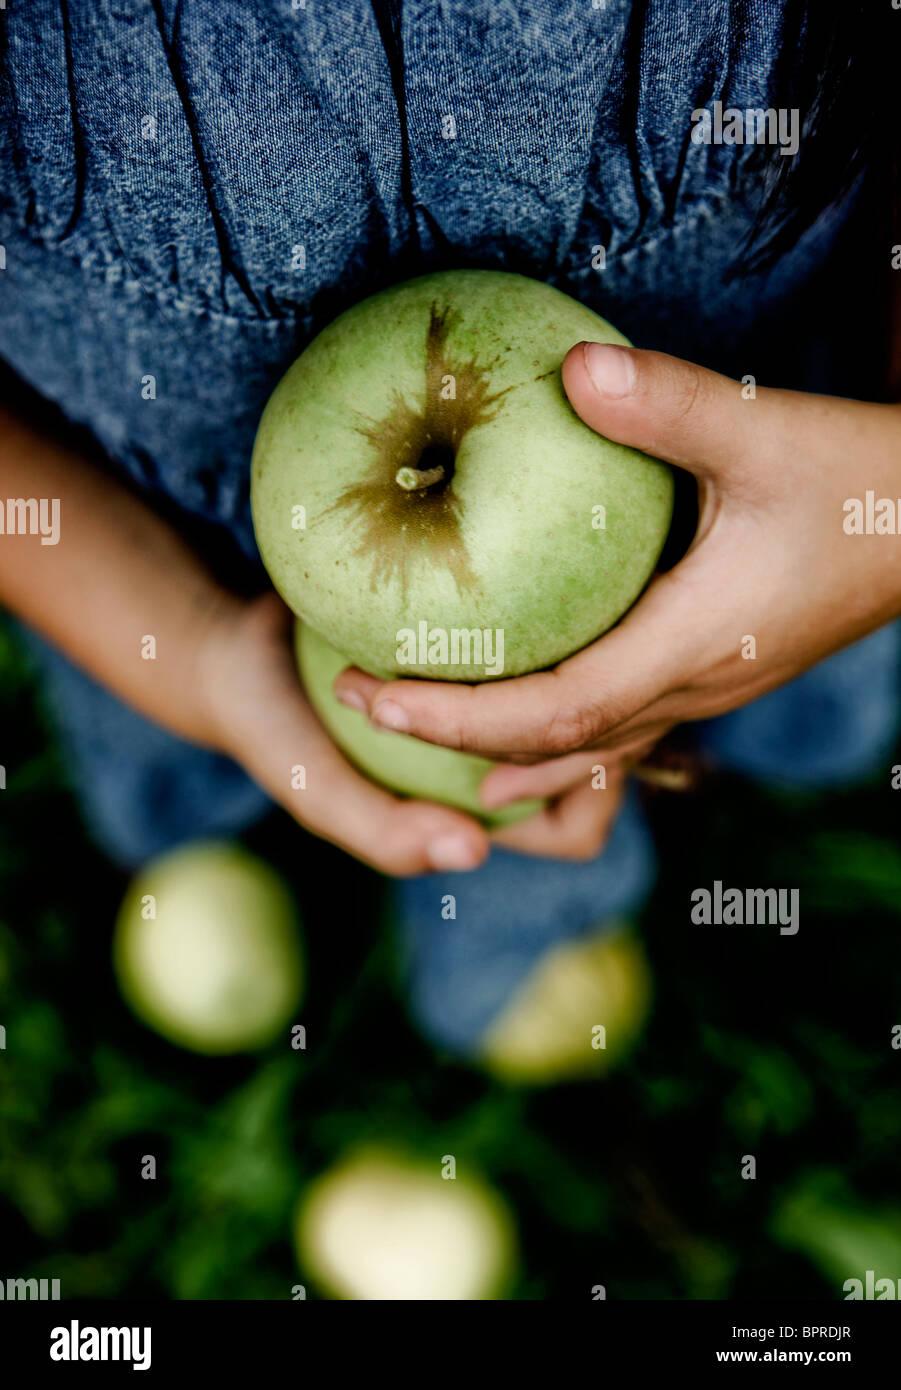 Ein junges Mädchen hält grüne Äpfel in einer Apfelplantage in Calhoun County, Illinois am 28. Stockbild